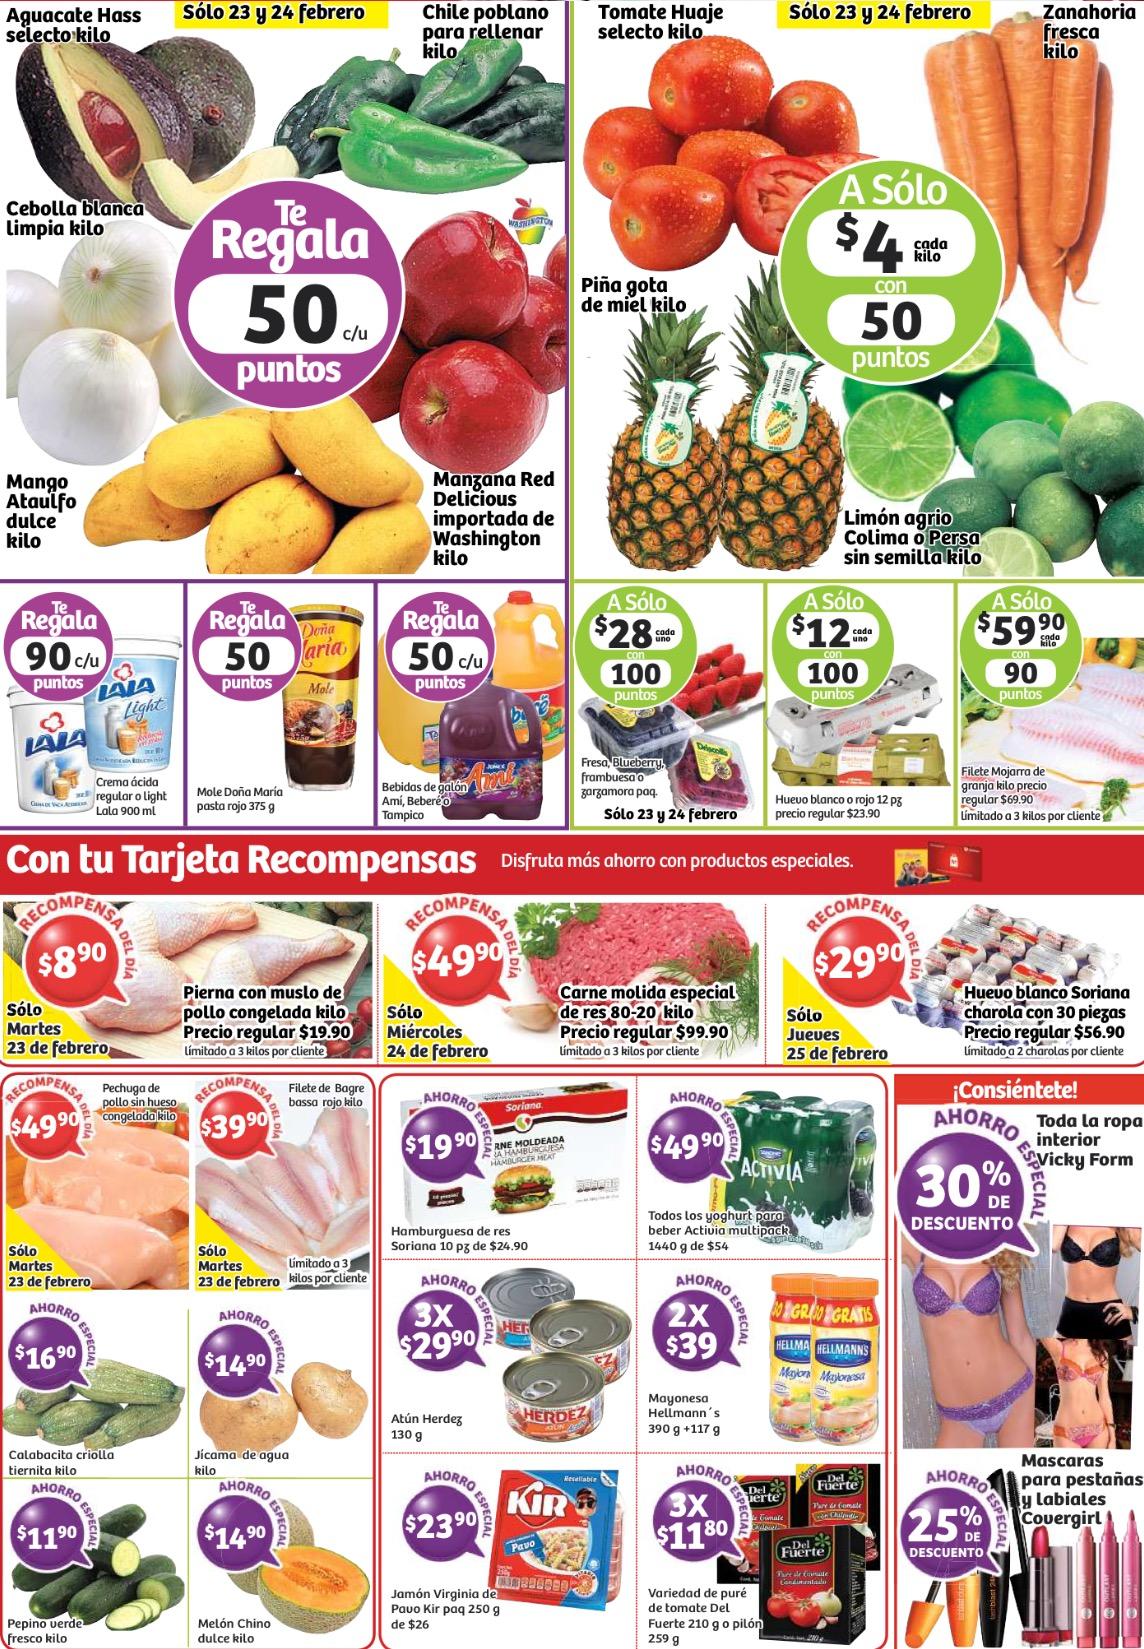 Ofertas del 23 al 25 de febrero en Soriana (carnes, frutas, verduras y más)